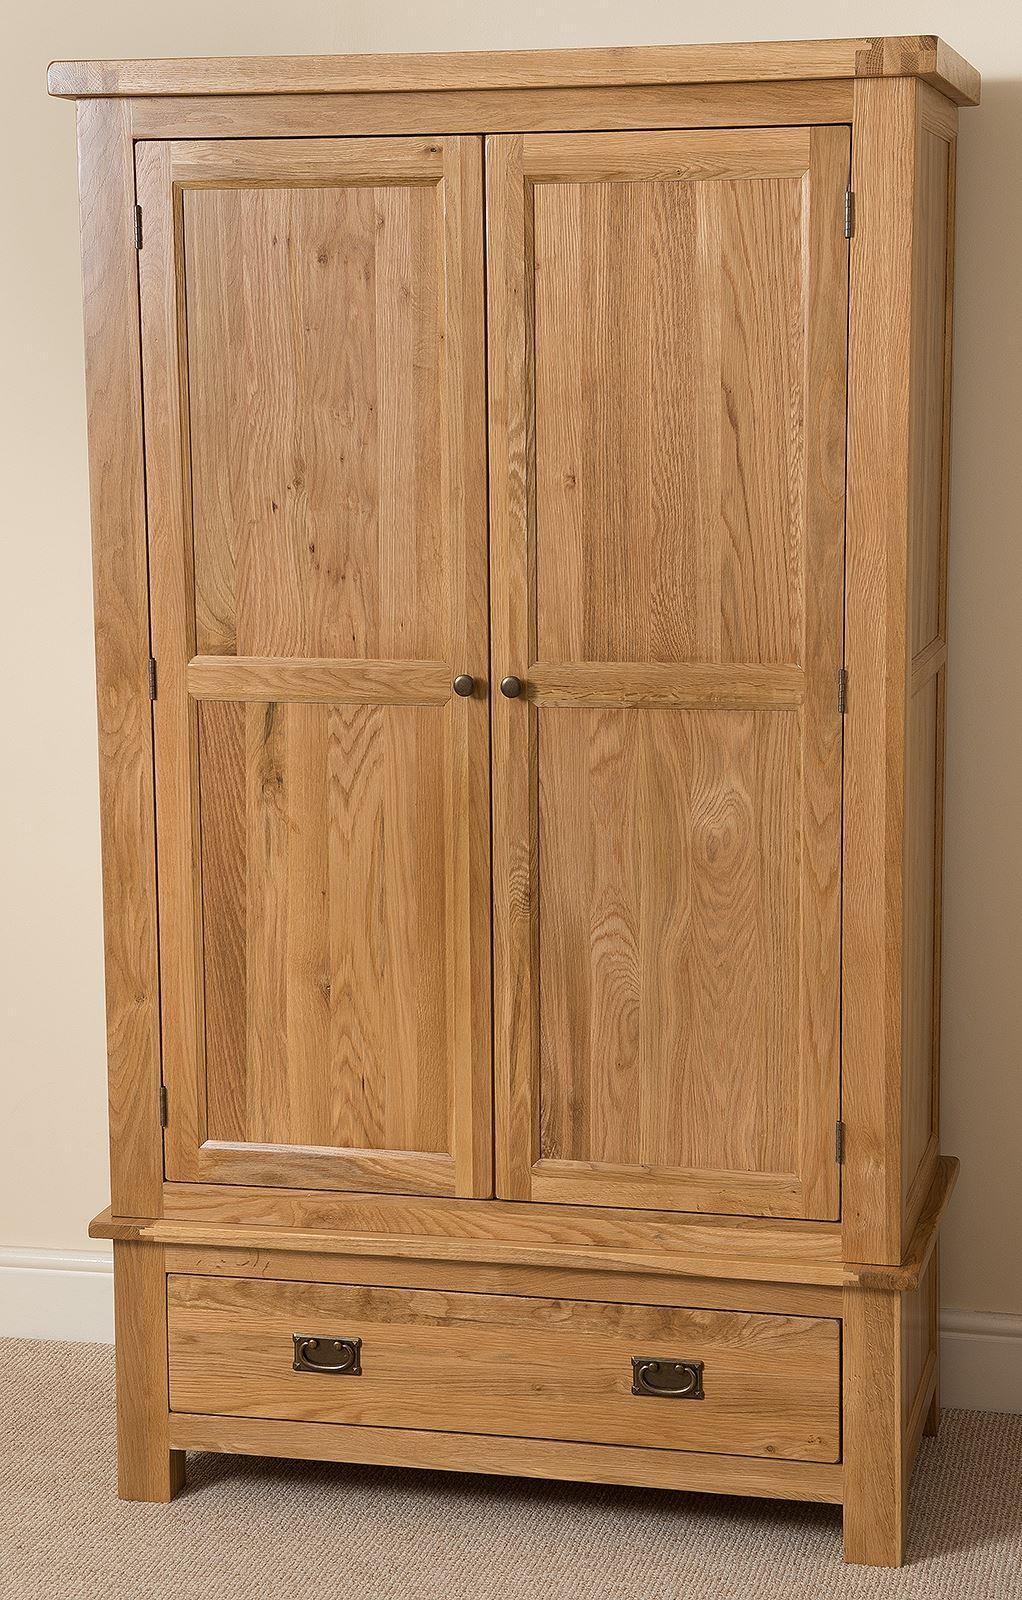 Cottage Light Solid Oak Double Wardrobe